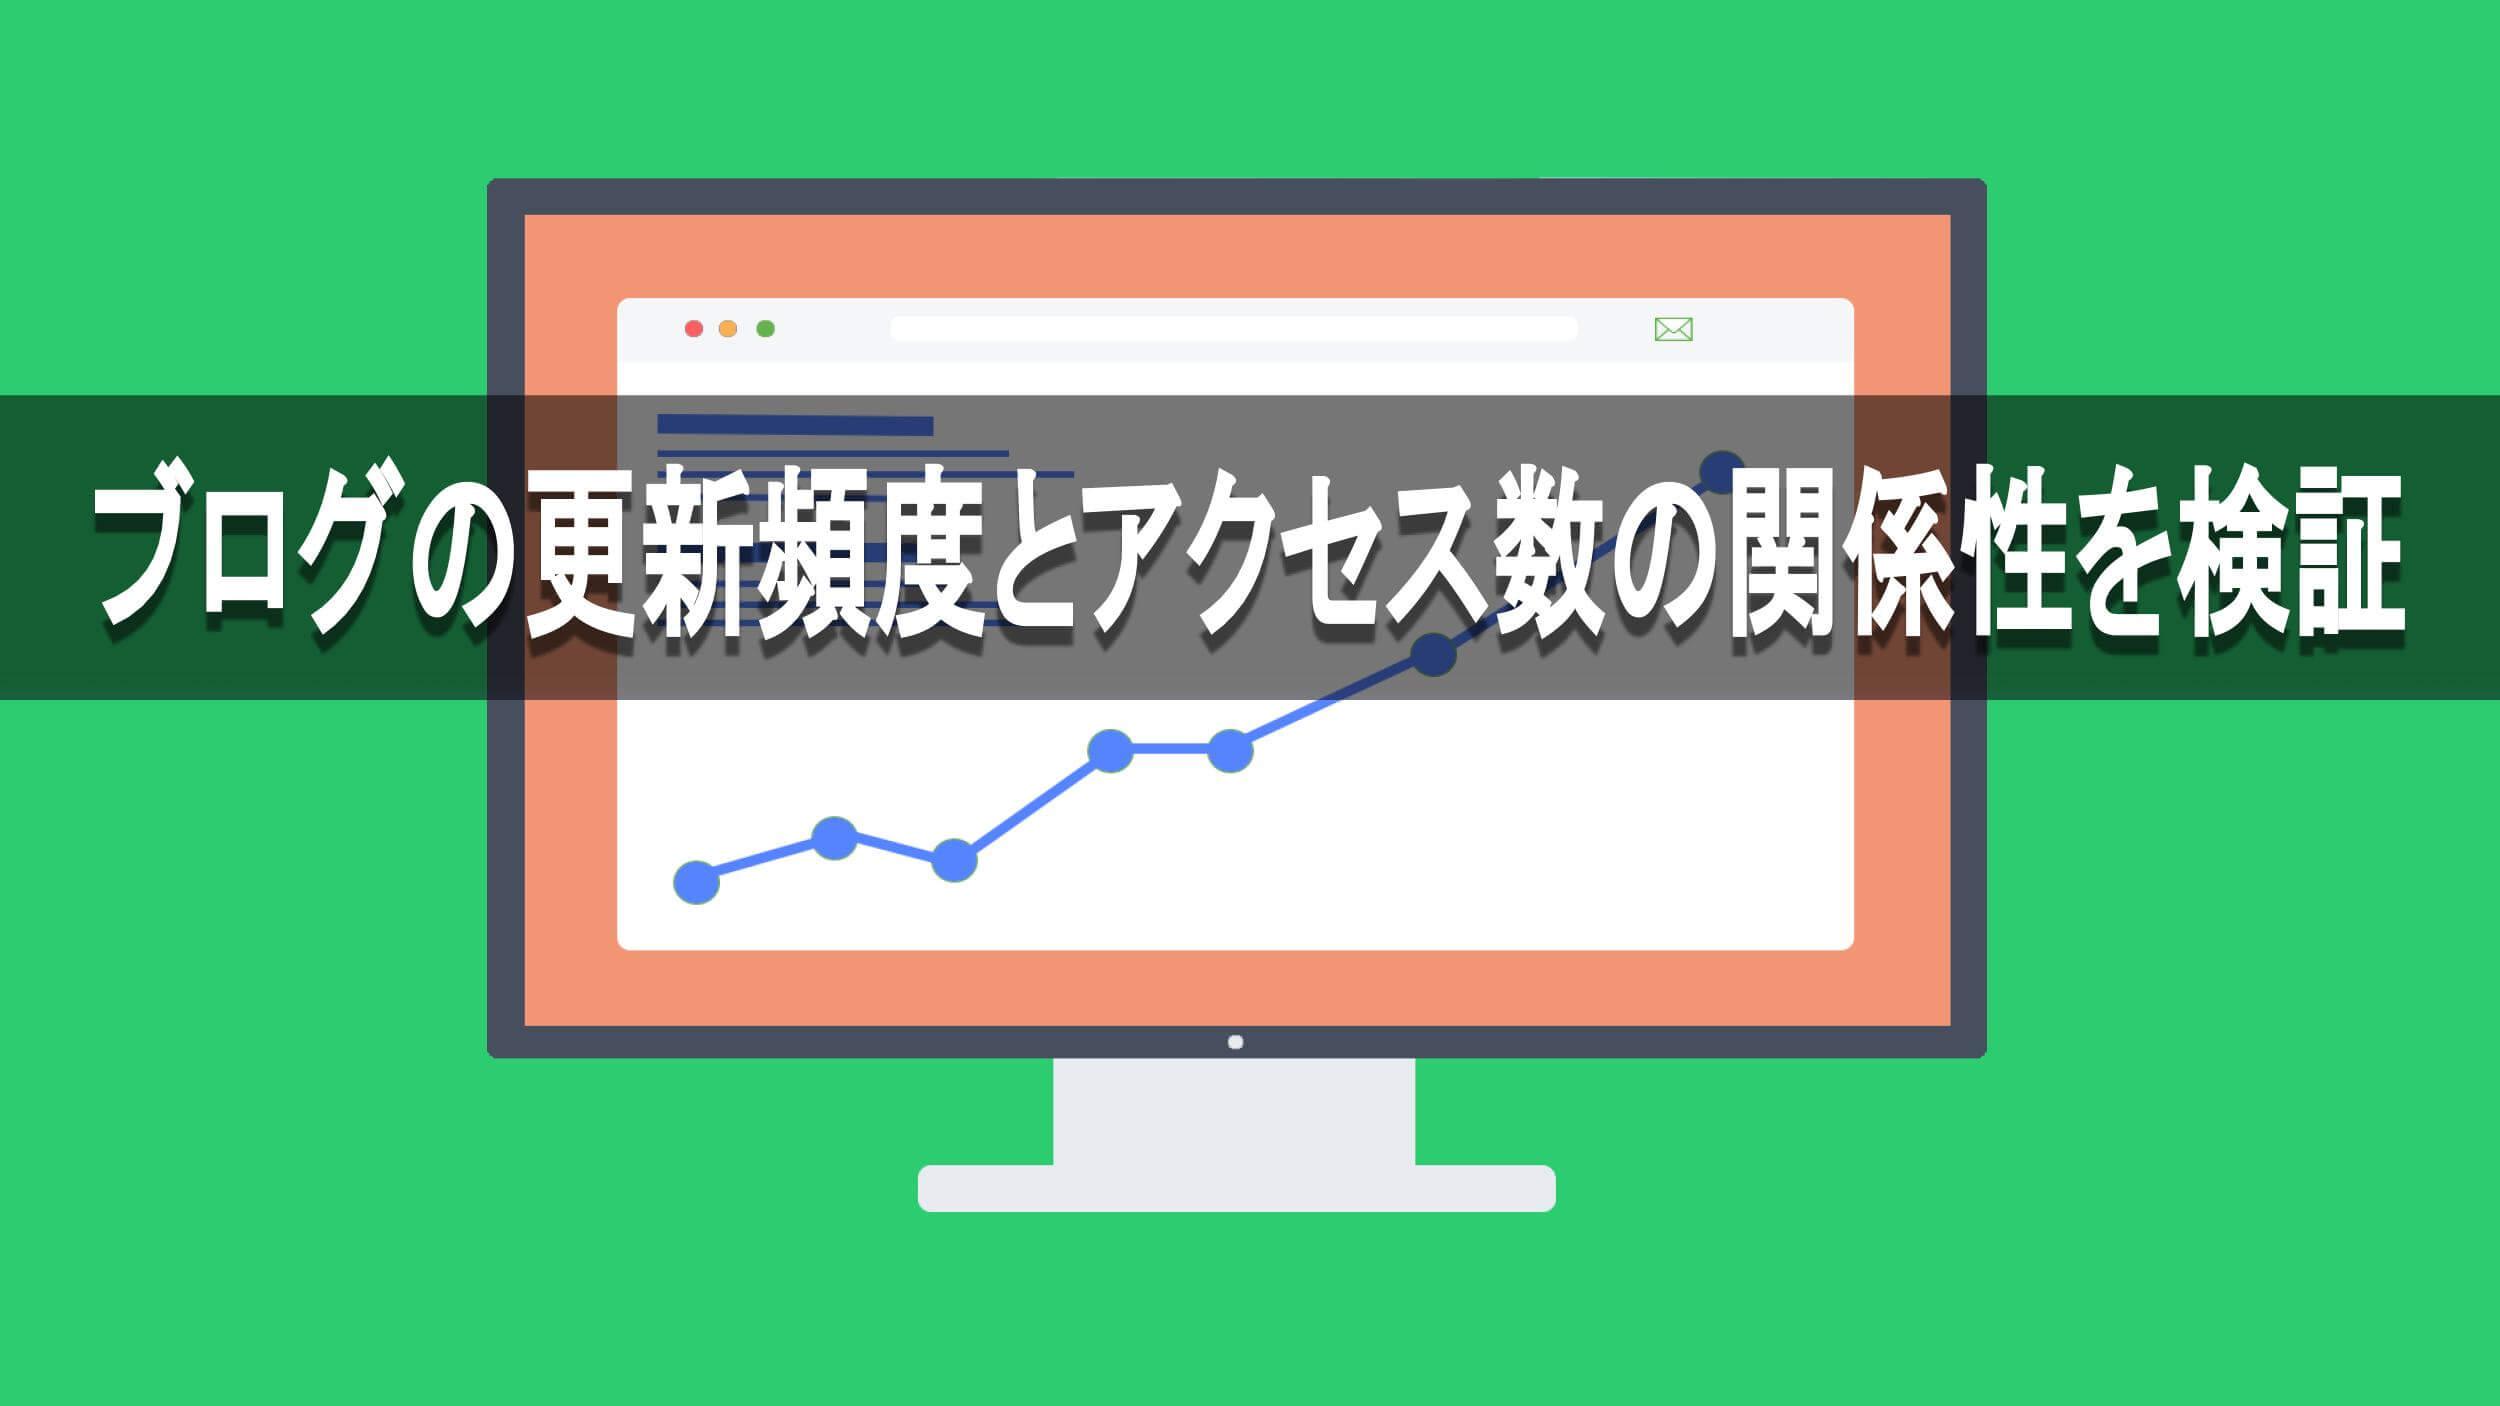 ブログの更新頻度とアクセス数の関係性を検証